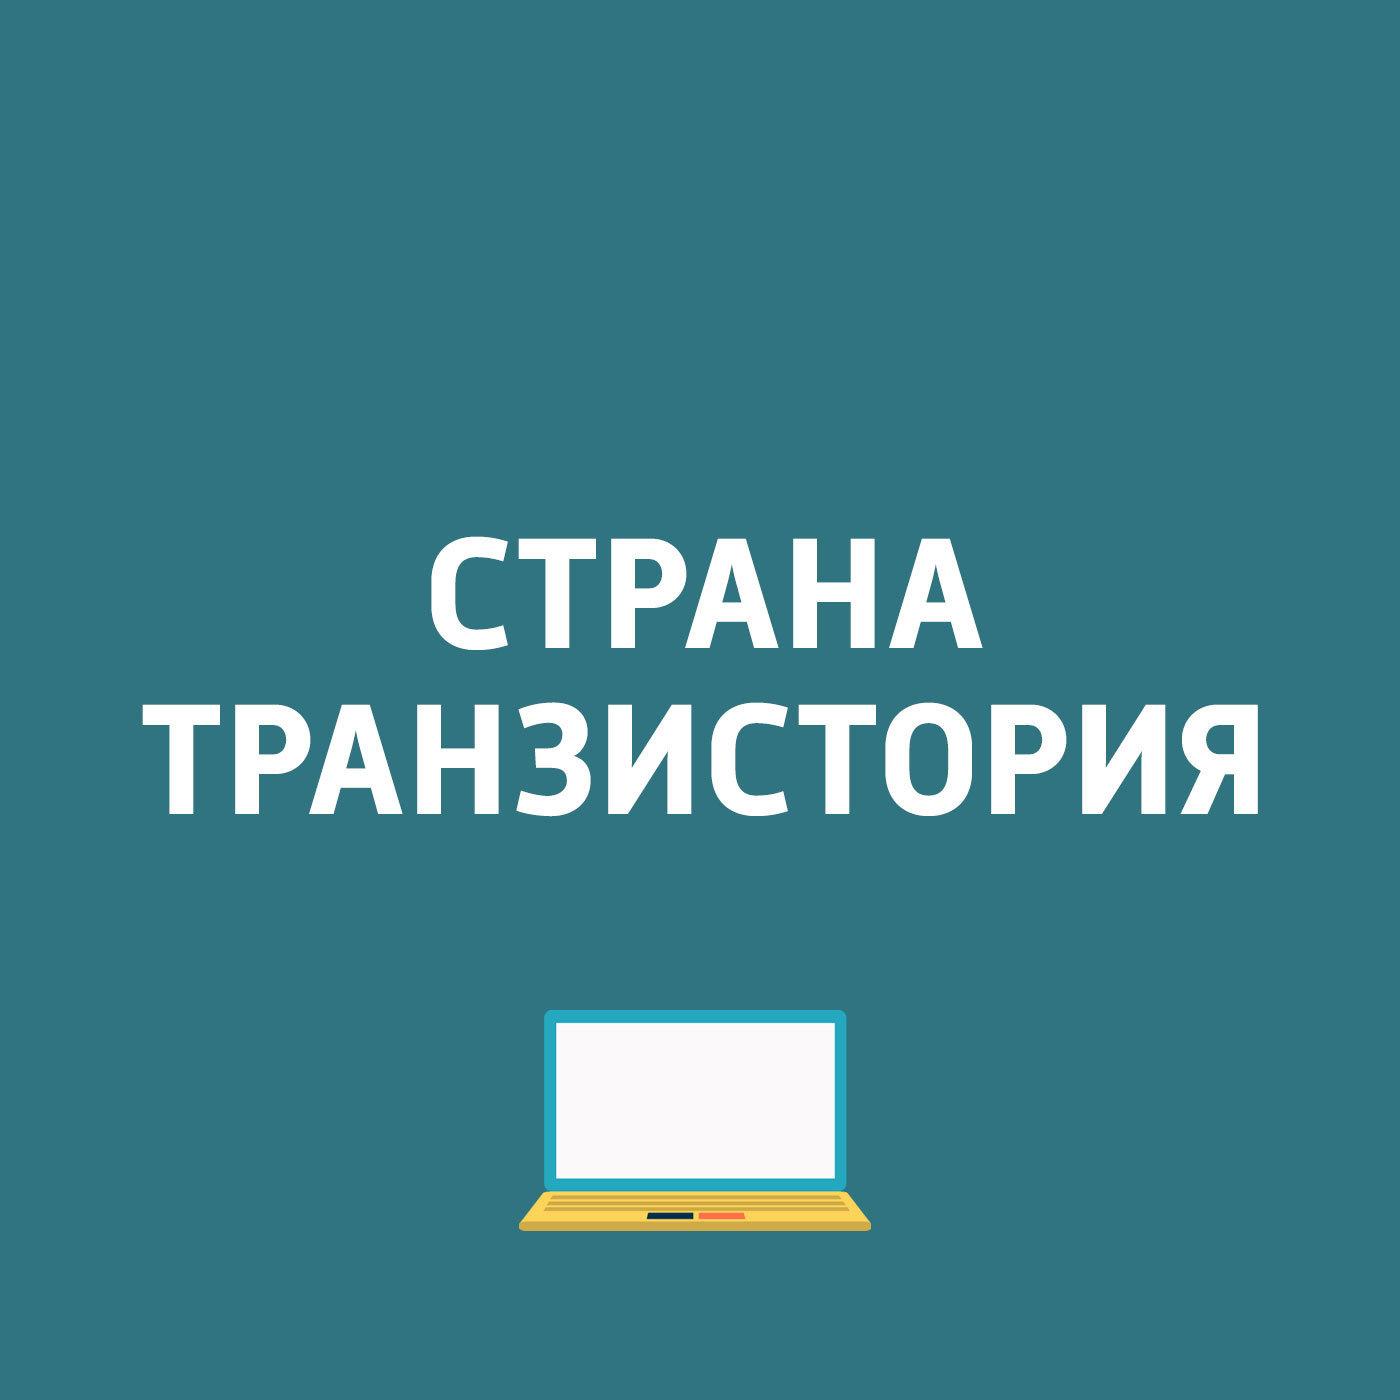 Картаев Павел Android 8.0 получила название Oreo; Предварительный заказ на Microsoft Xbox One X открыт в России